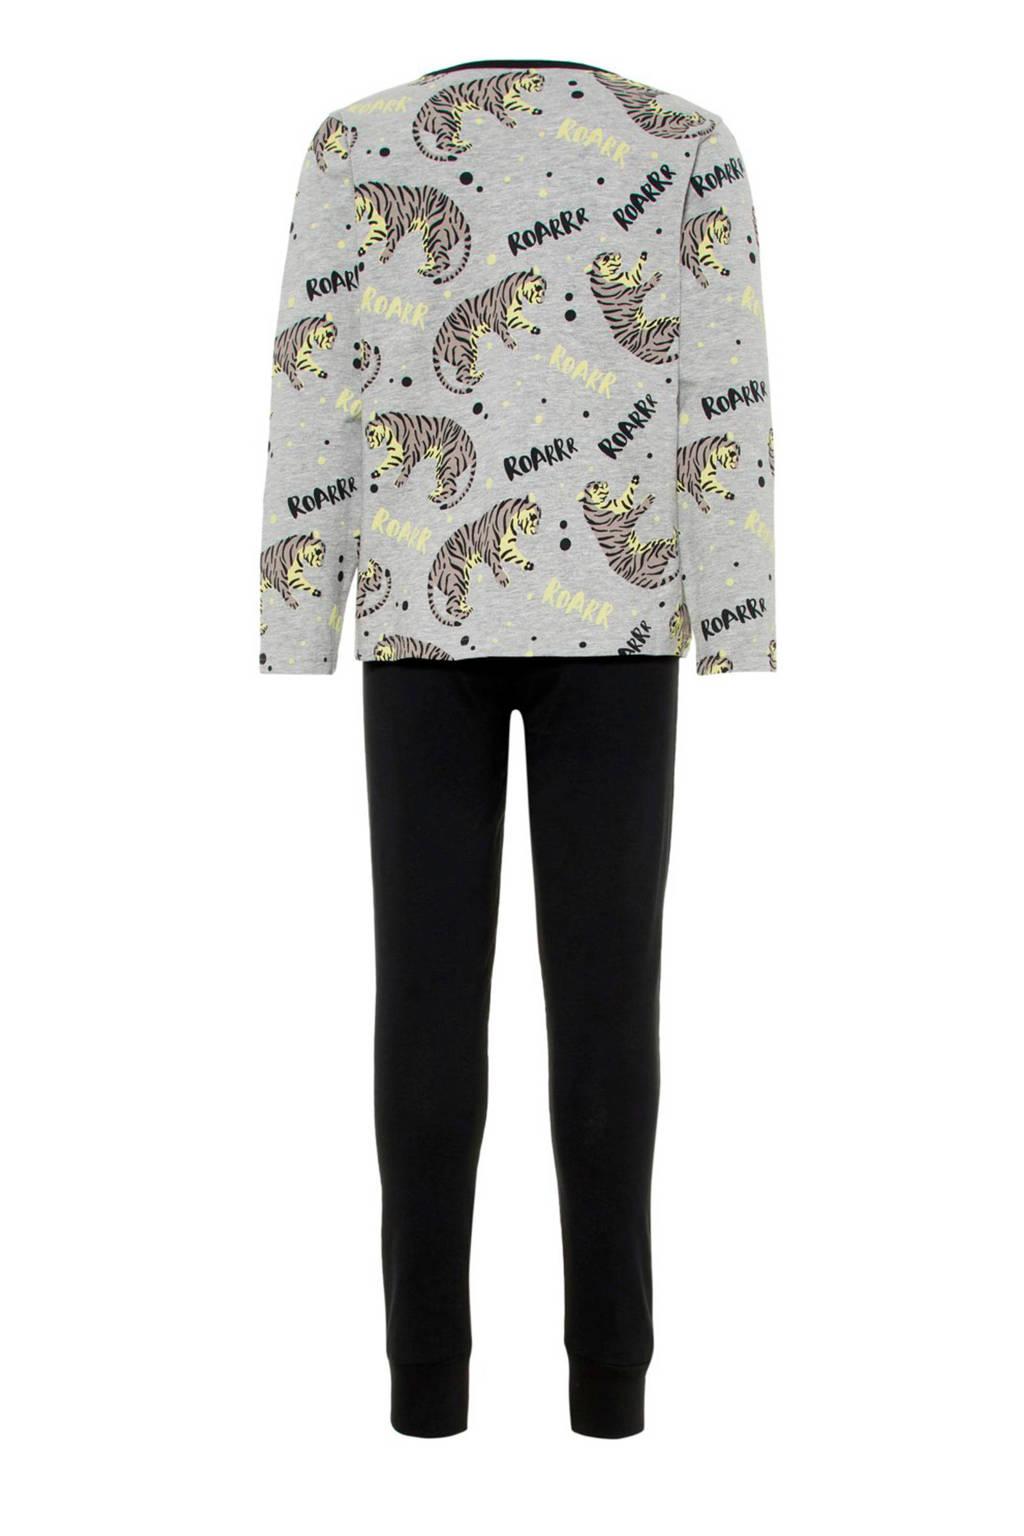 NAME IT KIDS   pyjama, Grijs melange/ zwart/ lichtgeel